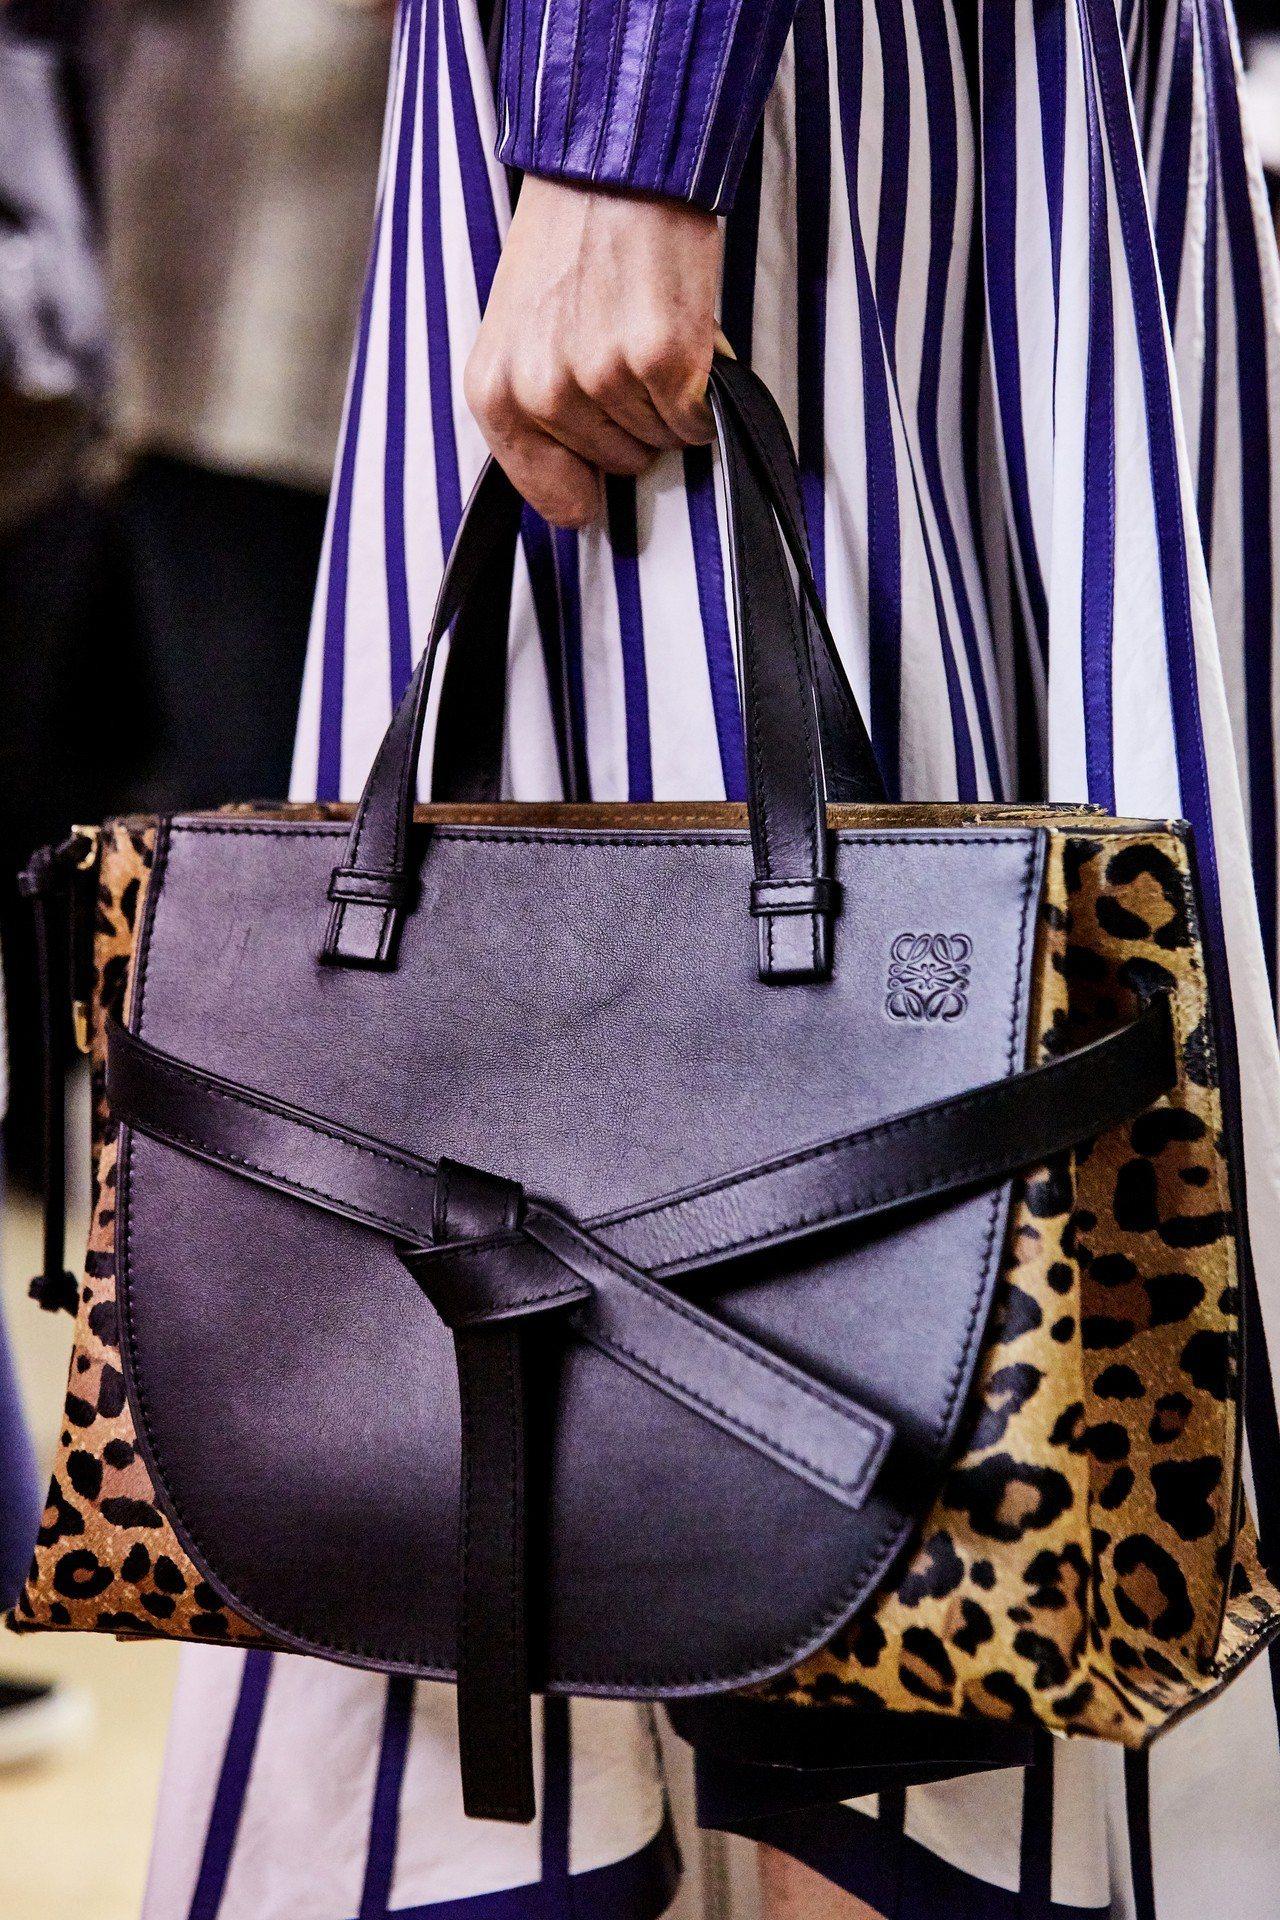 Gate Tote豹紋小牛皮肩背提包,售價130,000元。圖/LOEWE提供